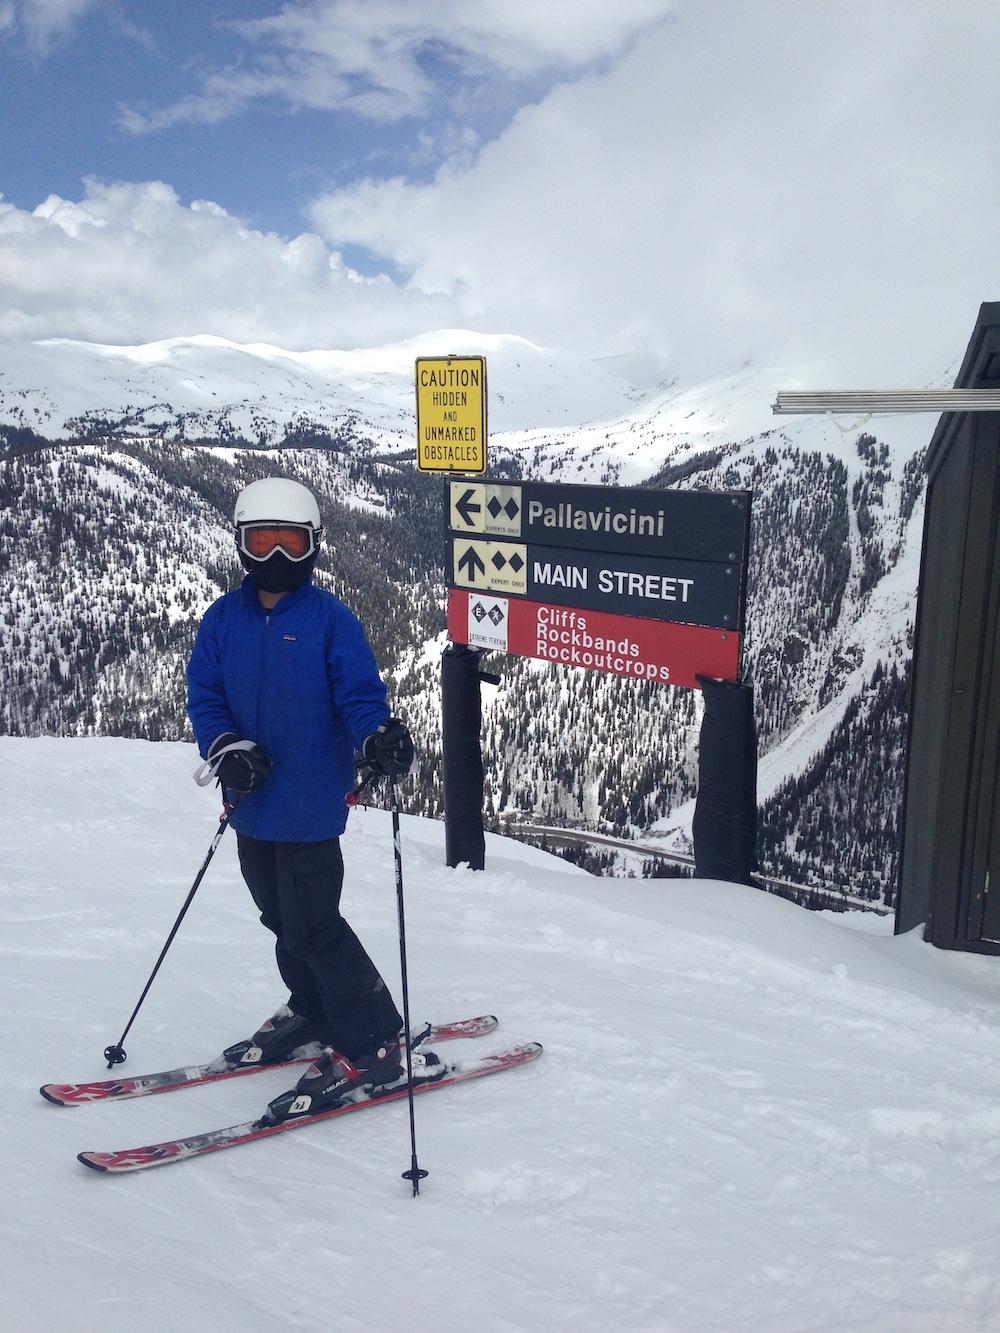 On top of Pallavicini Ski Run